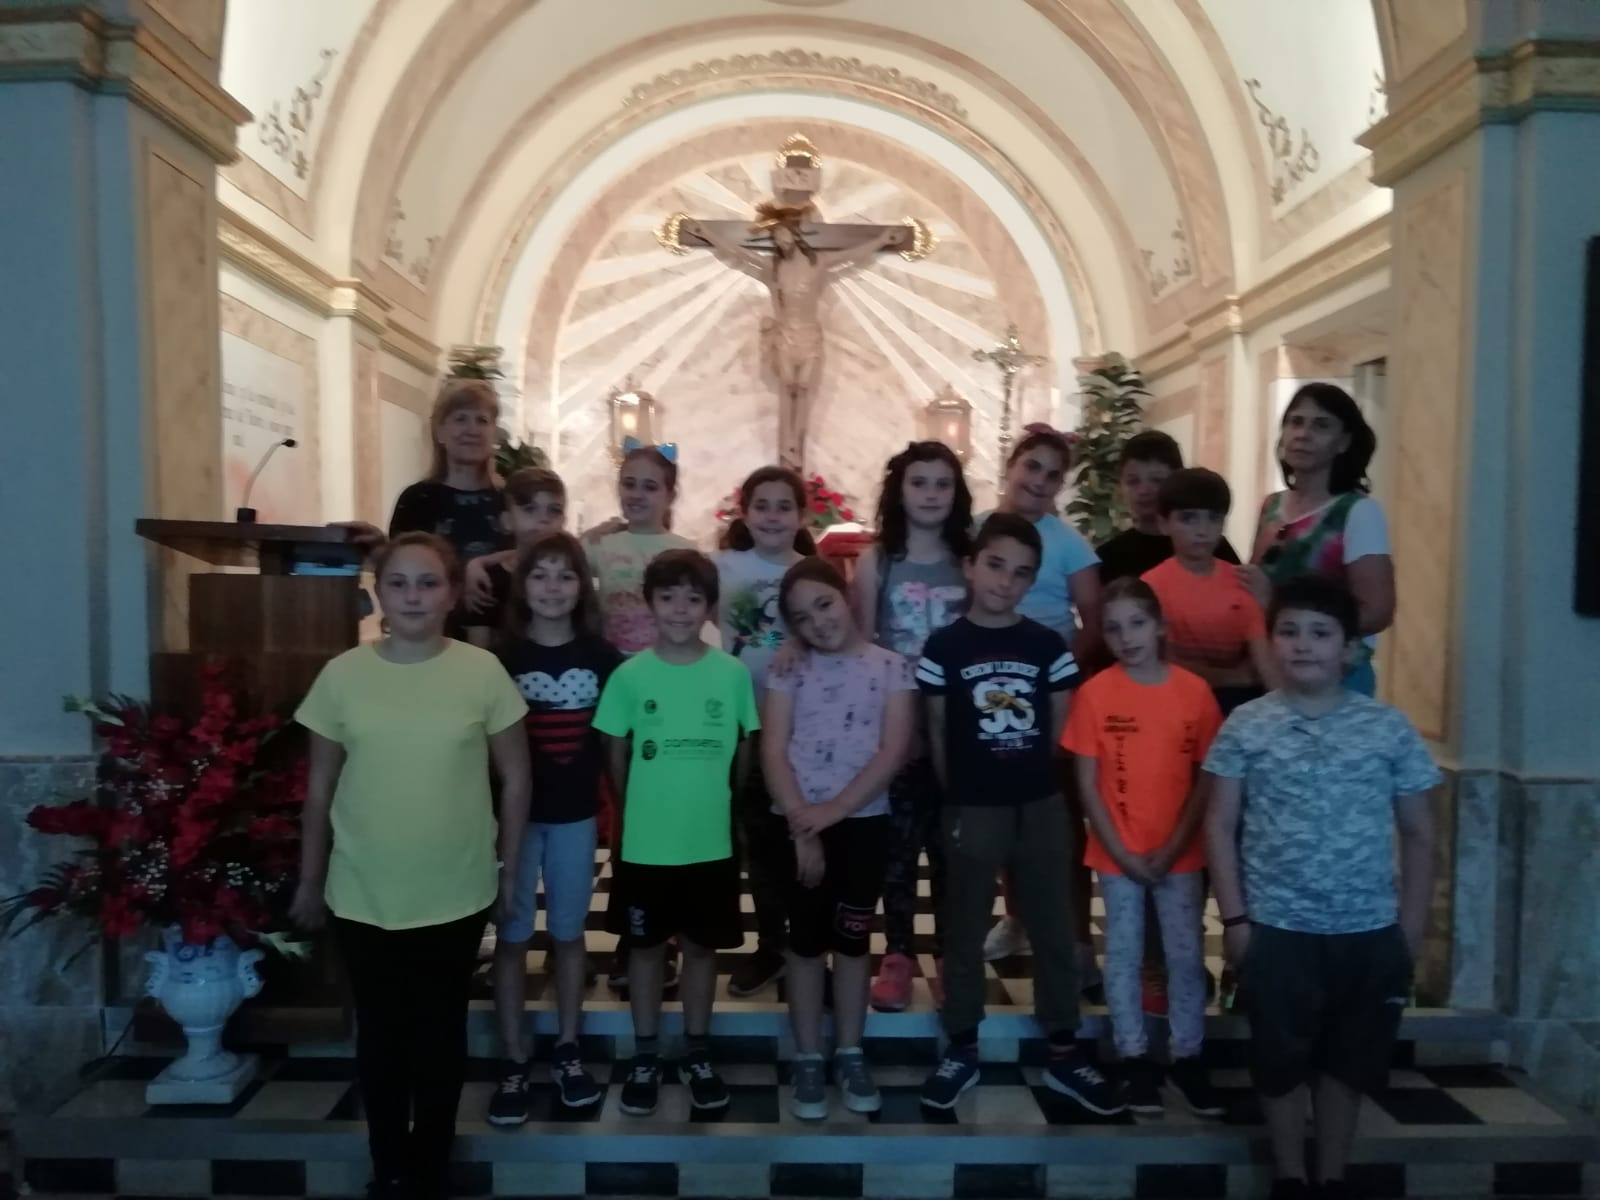 (2019-05-29) Visita alumnos Laura - 3 B primaria - Reina Sofia - Isabel B (10)